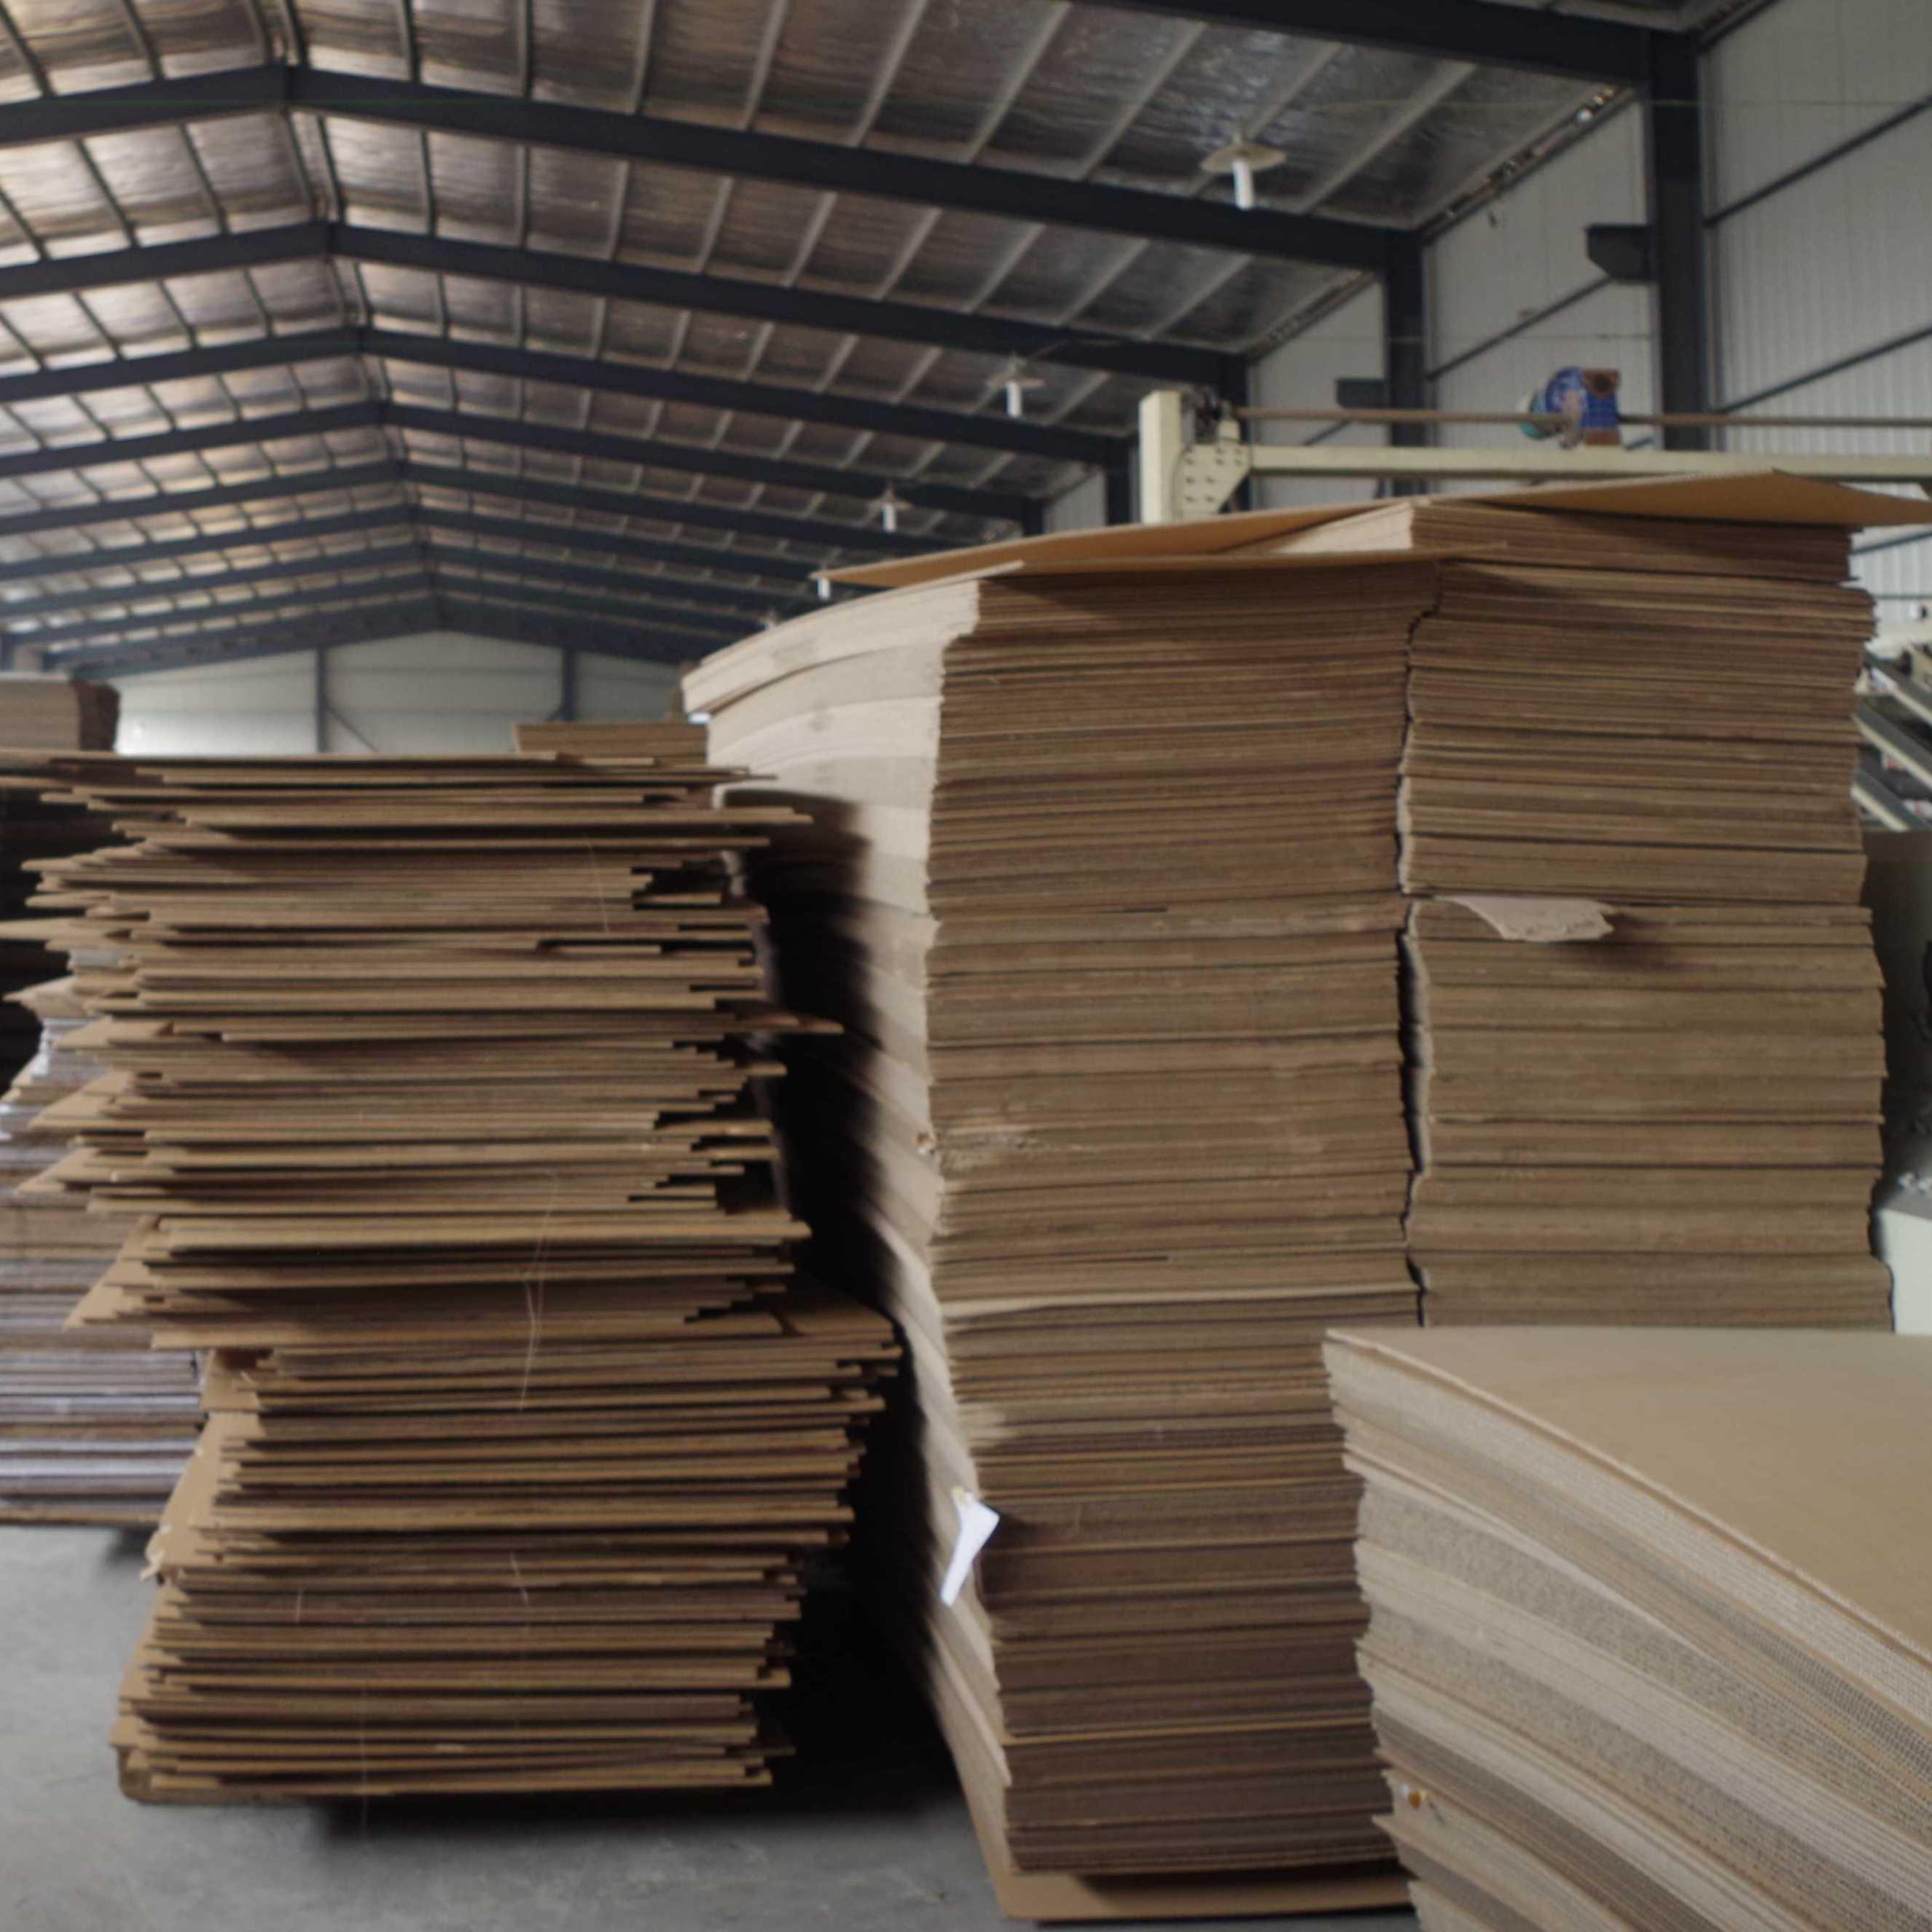 高品质瓦楞纸箱出自诺曼尔纸箱厂家